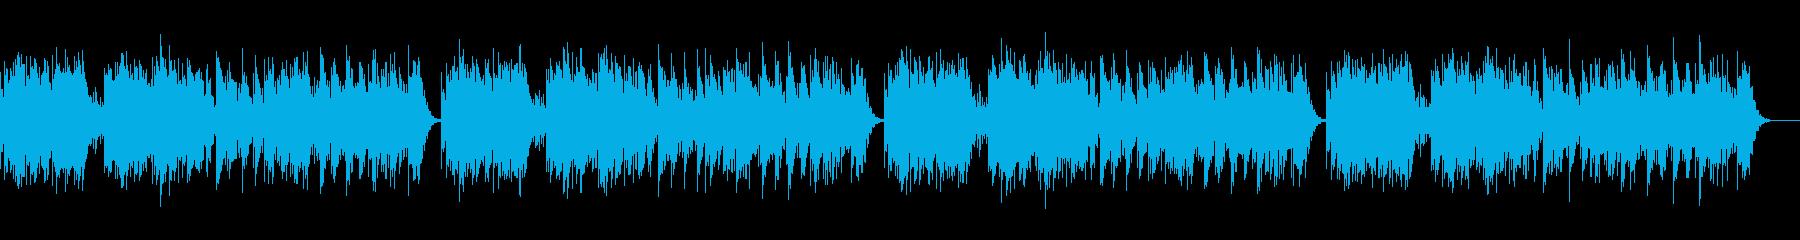 「My Bonny」オルゴール の再生済みの波形